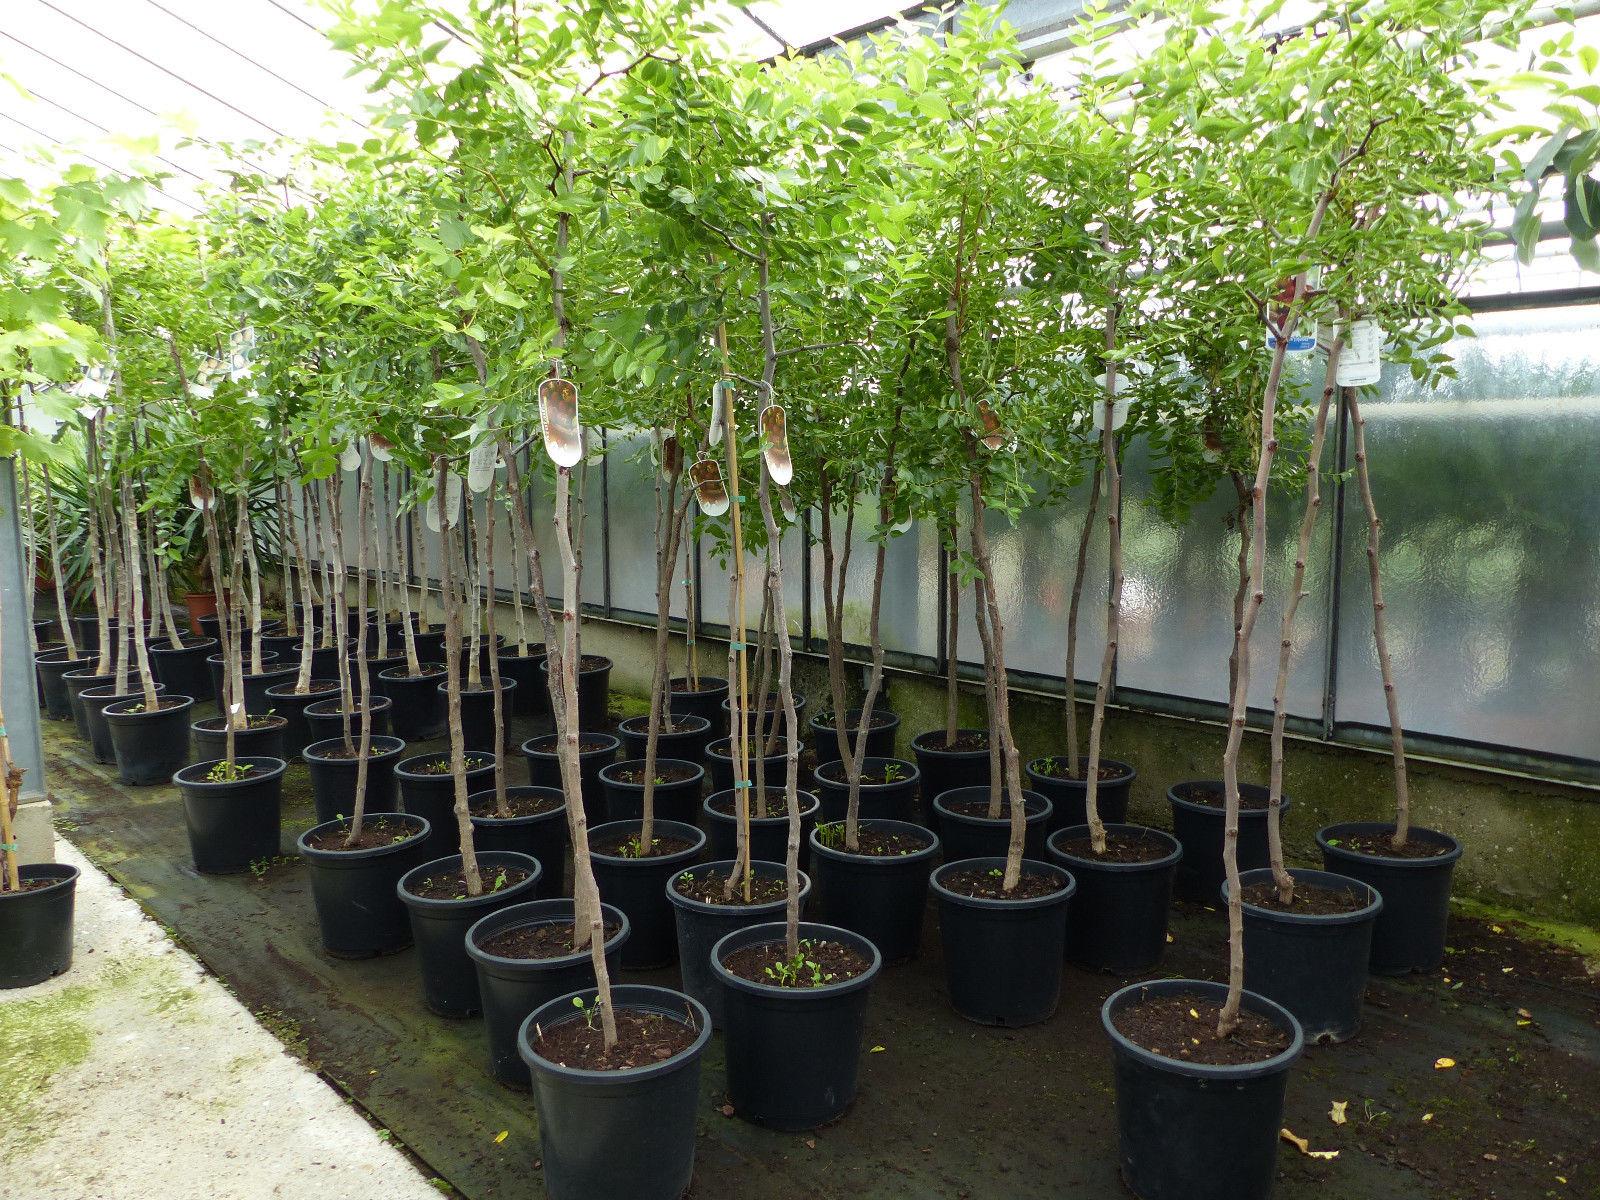 Ziziphus jujuba Dattel 140-160 cm Dattelbaum 6-8 cm Stammumfang